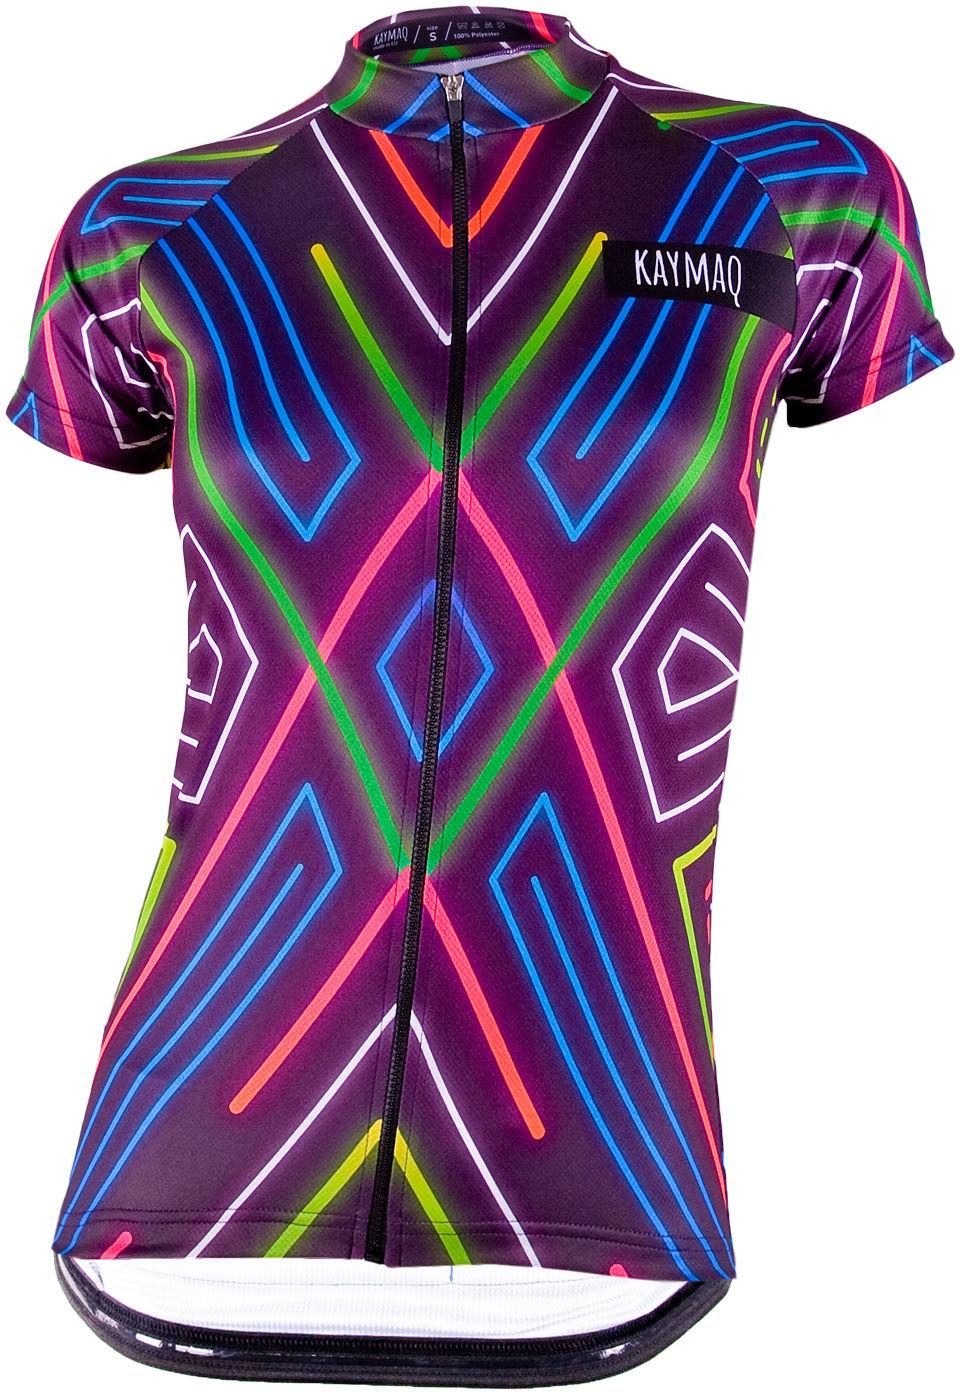 KAYMAQ W1-W08 Damska koszulka rowerowa Rozmiar: S,kyq-w08-ss